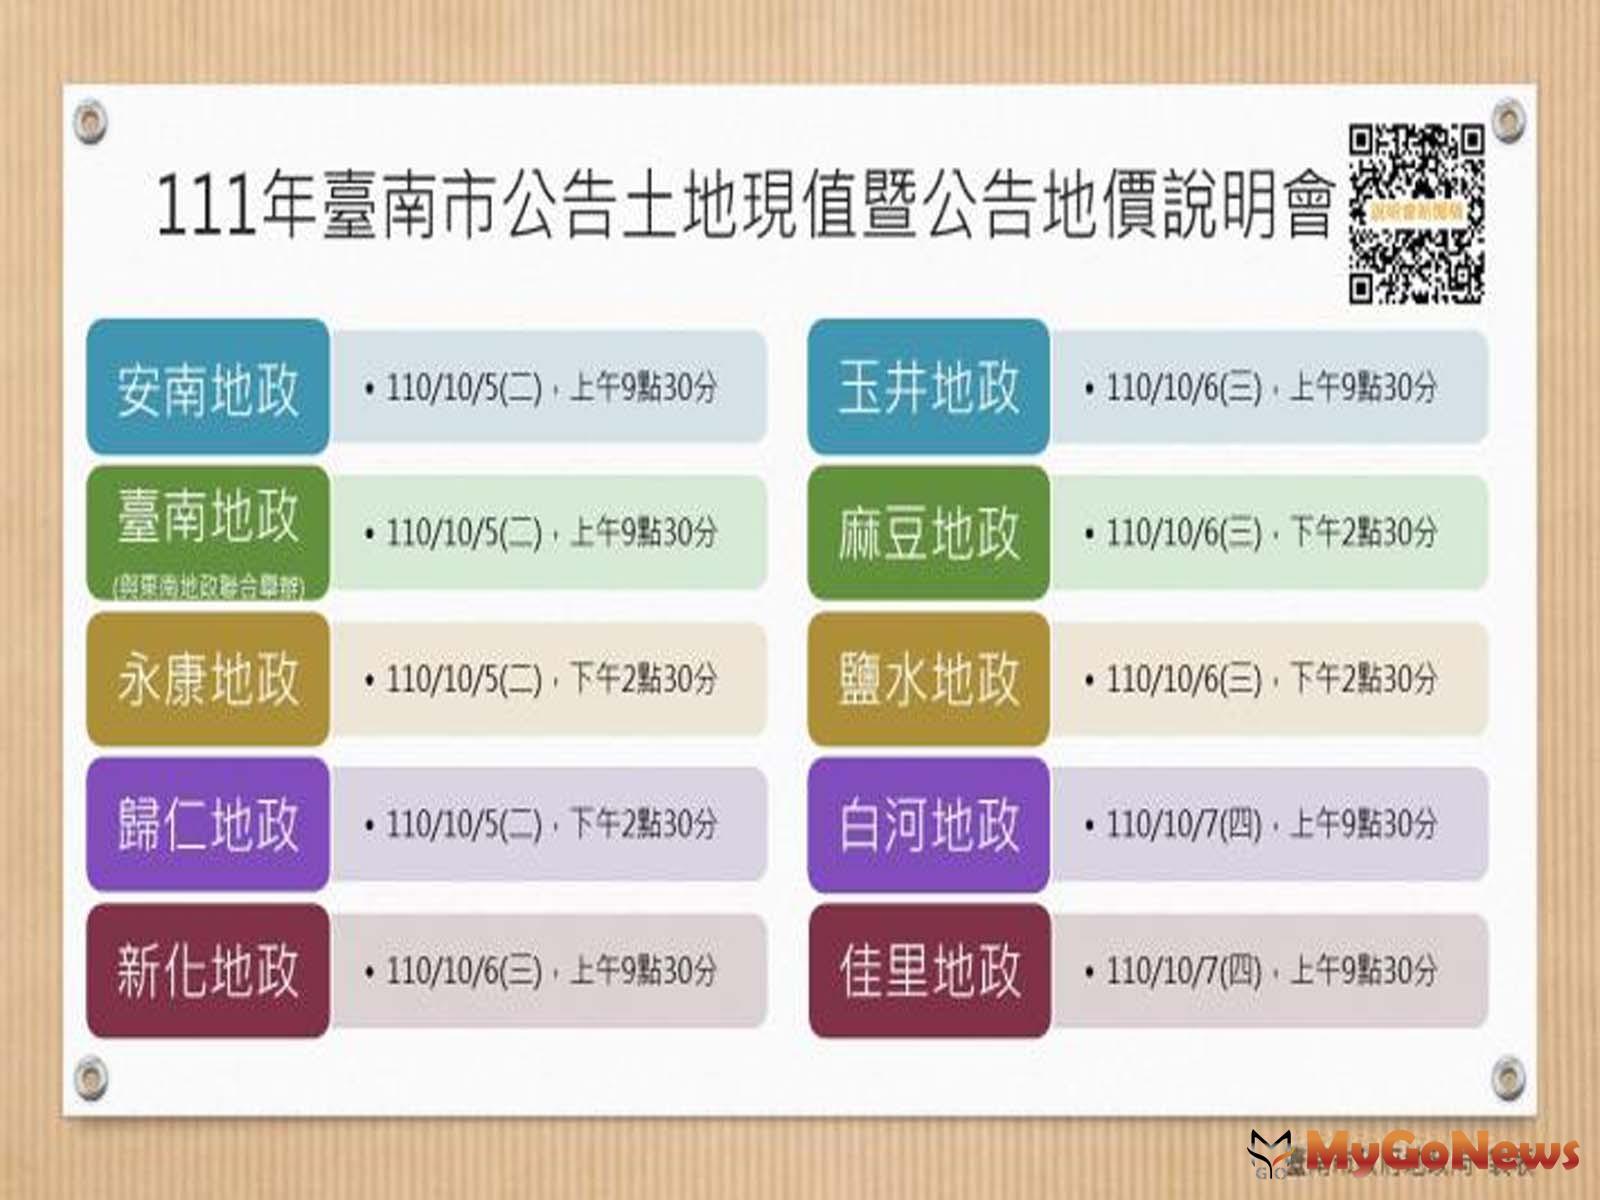 台南市2022年公告土地現值暨公告地價作業說明會正式開跑(圖/台南市政府) MyGoNews房地產新聞 區域情報